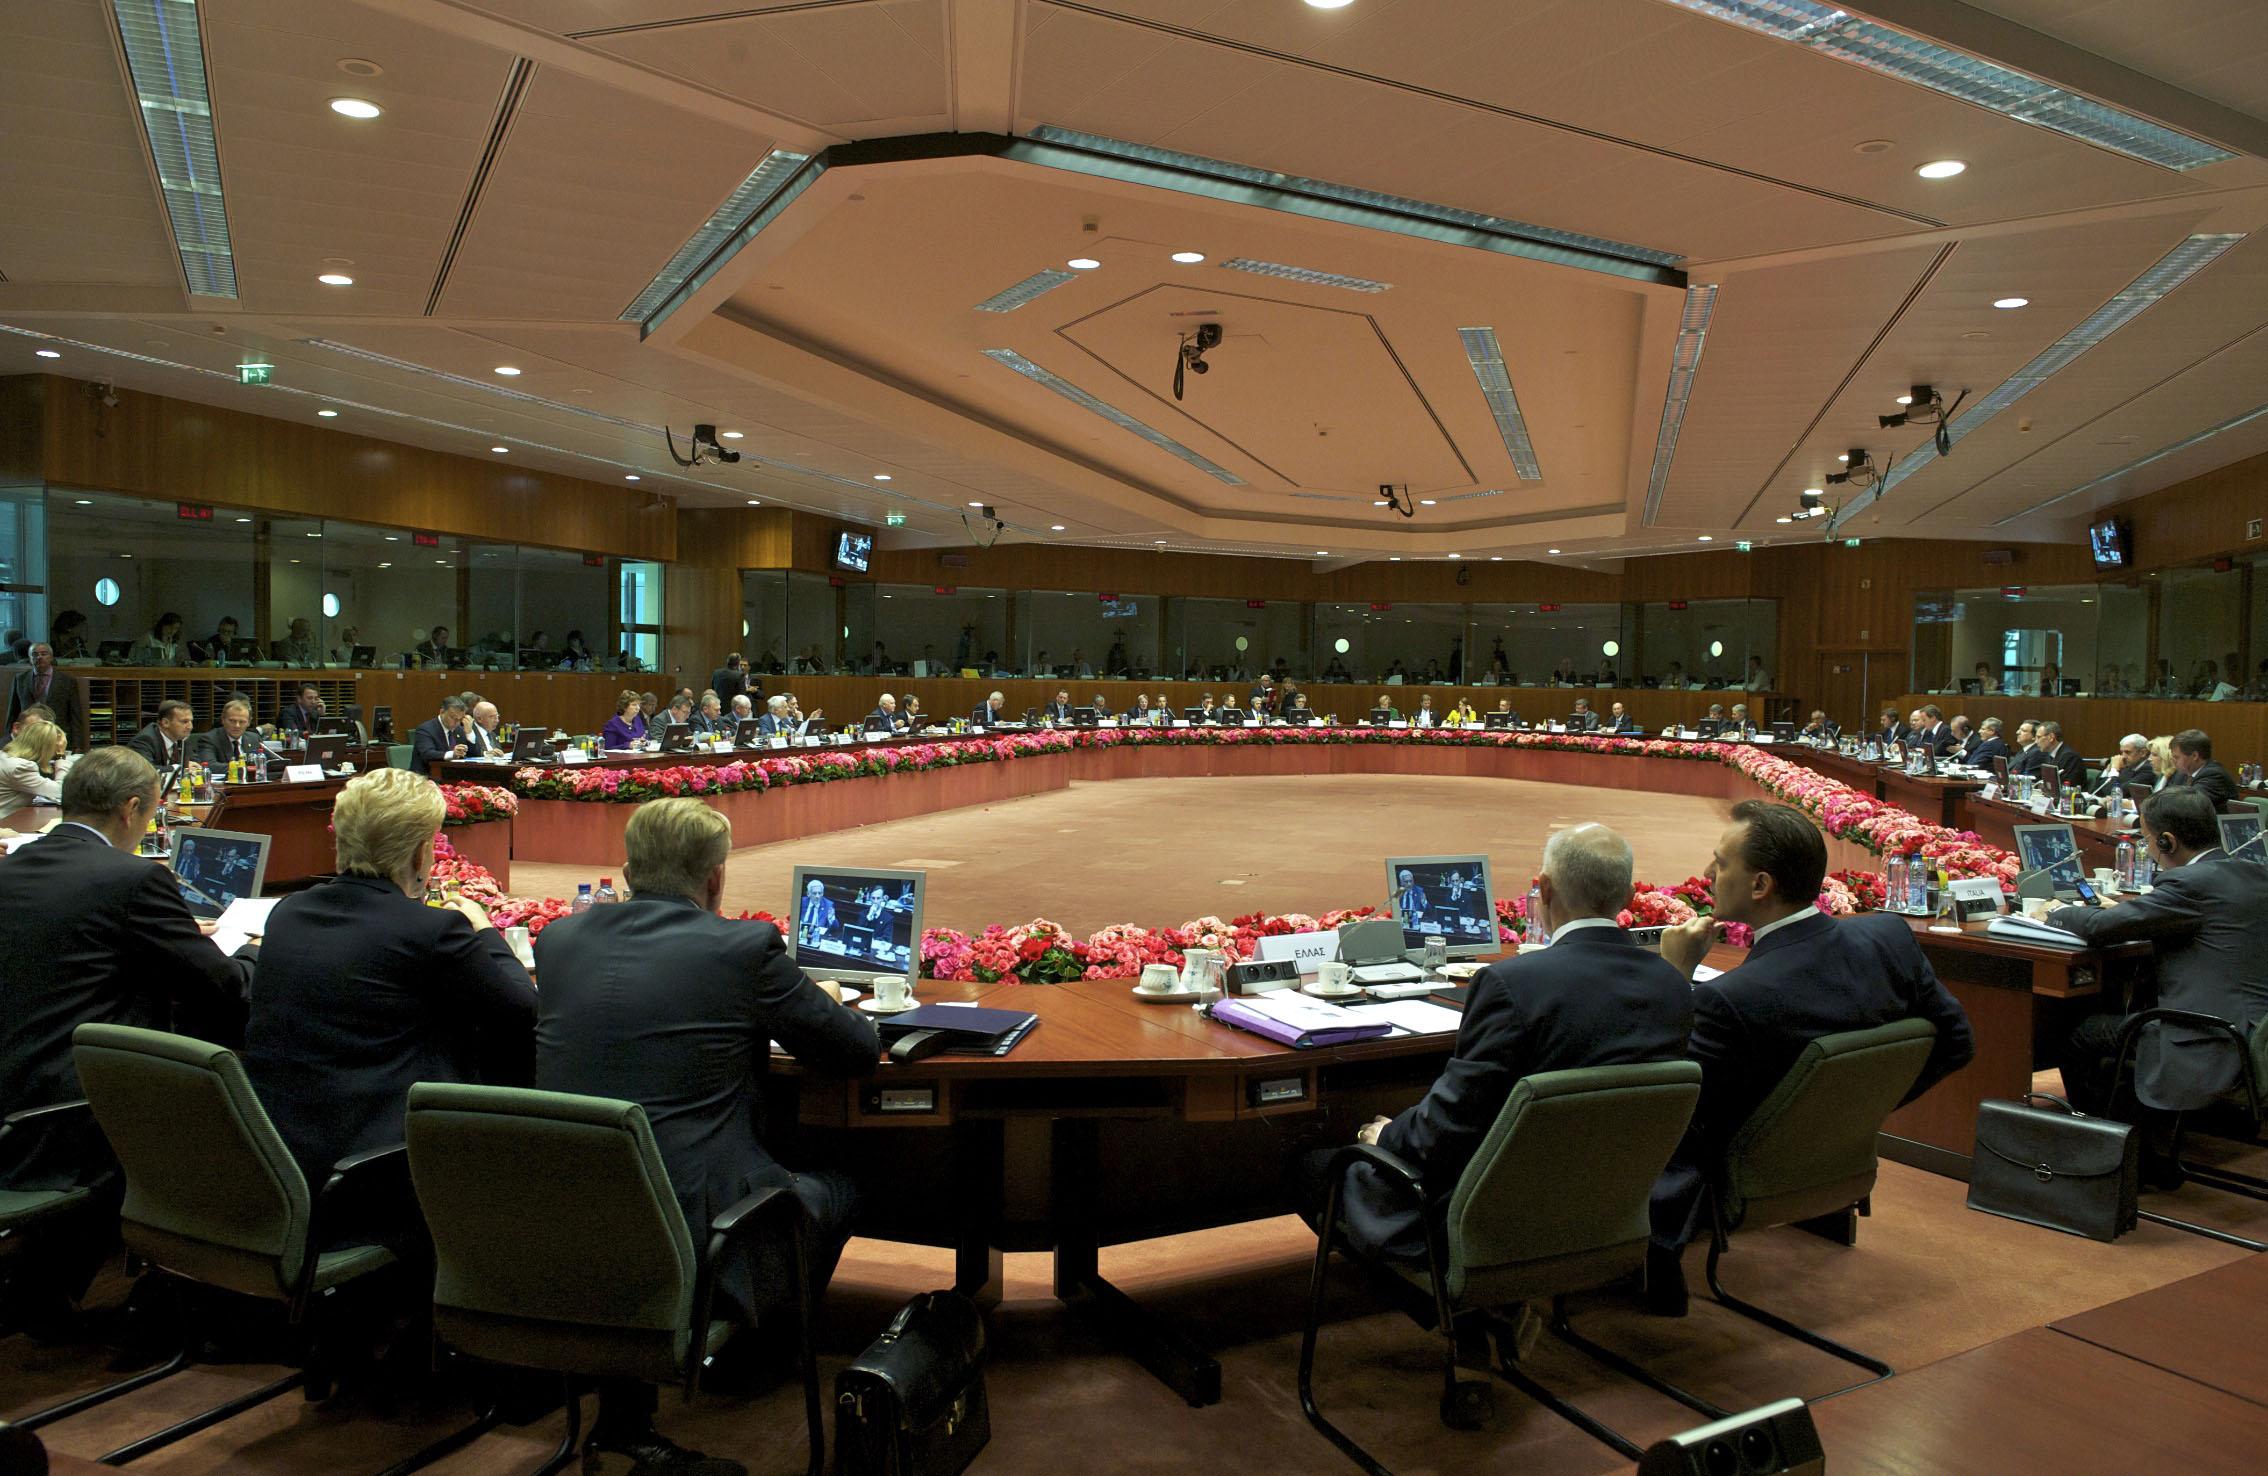 Σύνοδος Κορυφής: Κρίνεται το μέλλον της Ευρώπης